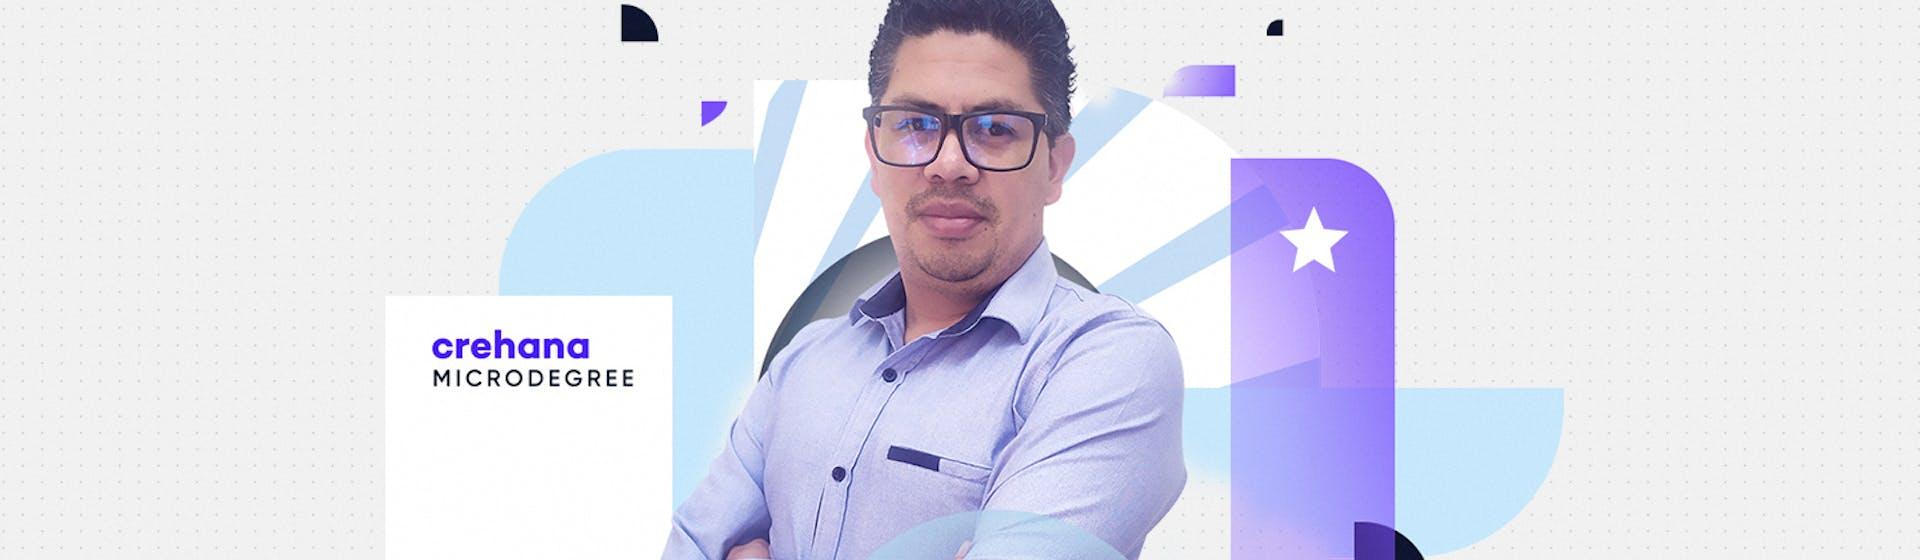 Jhony Villacis, un apasionado por el aprendizaje que potenció su emprendimiento y consiguió el cargo de sus sueños